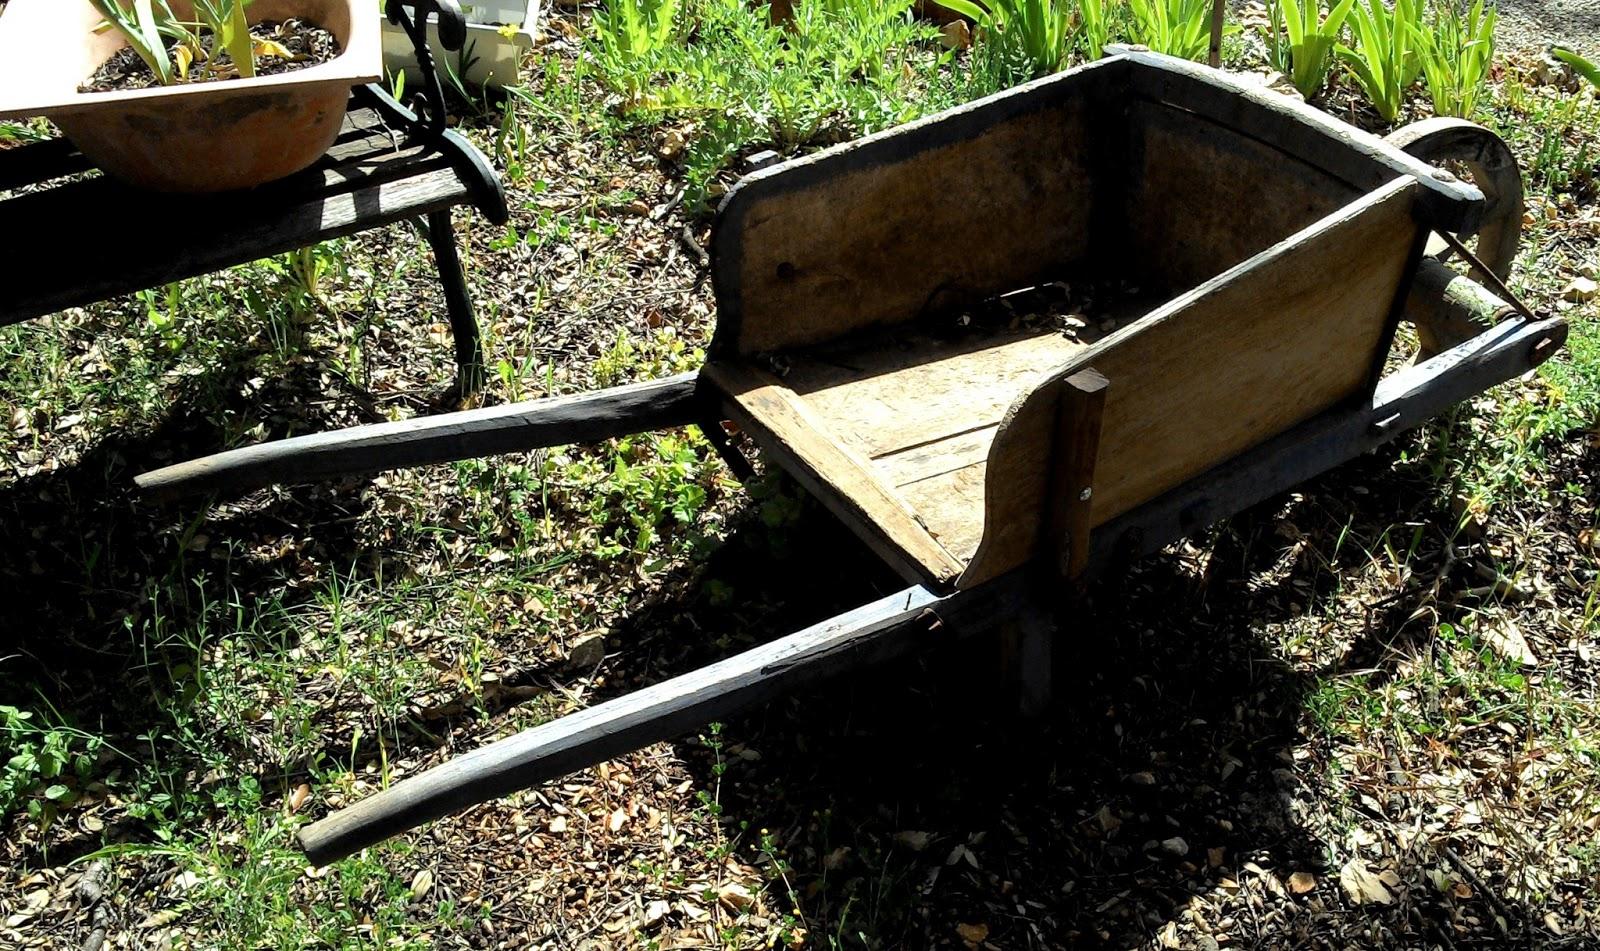 Ancienne brouette en bois de jardin art populaire jardiniere provence - Brouette en bois de jardin ...